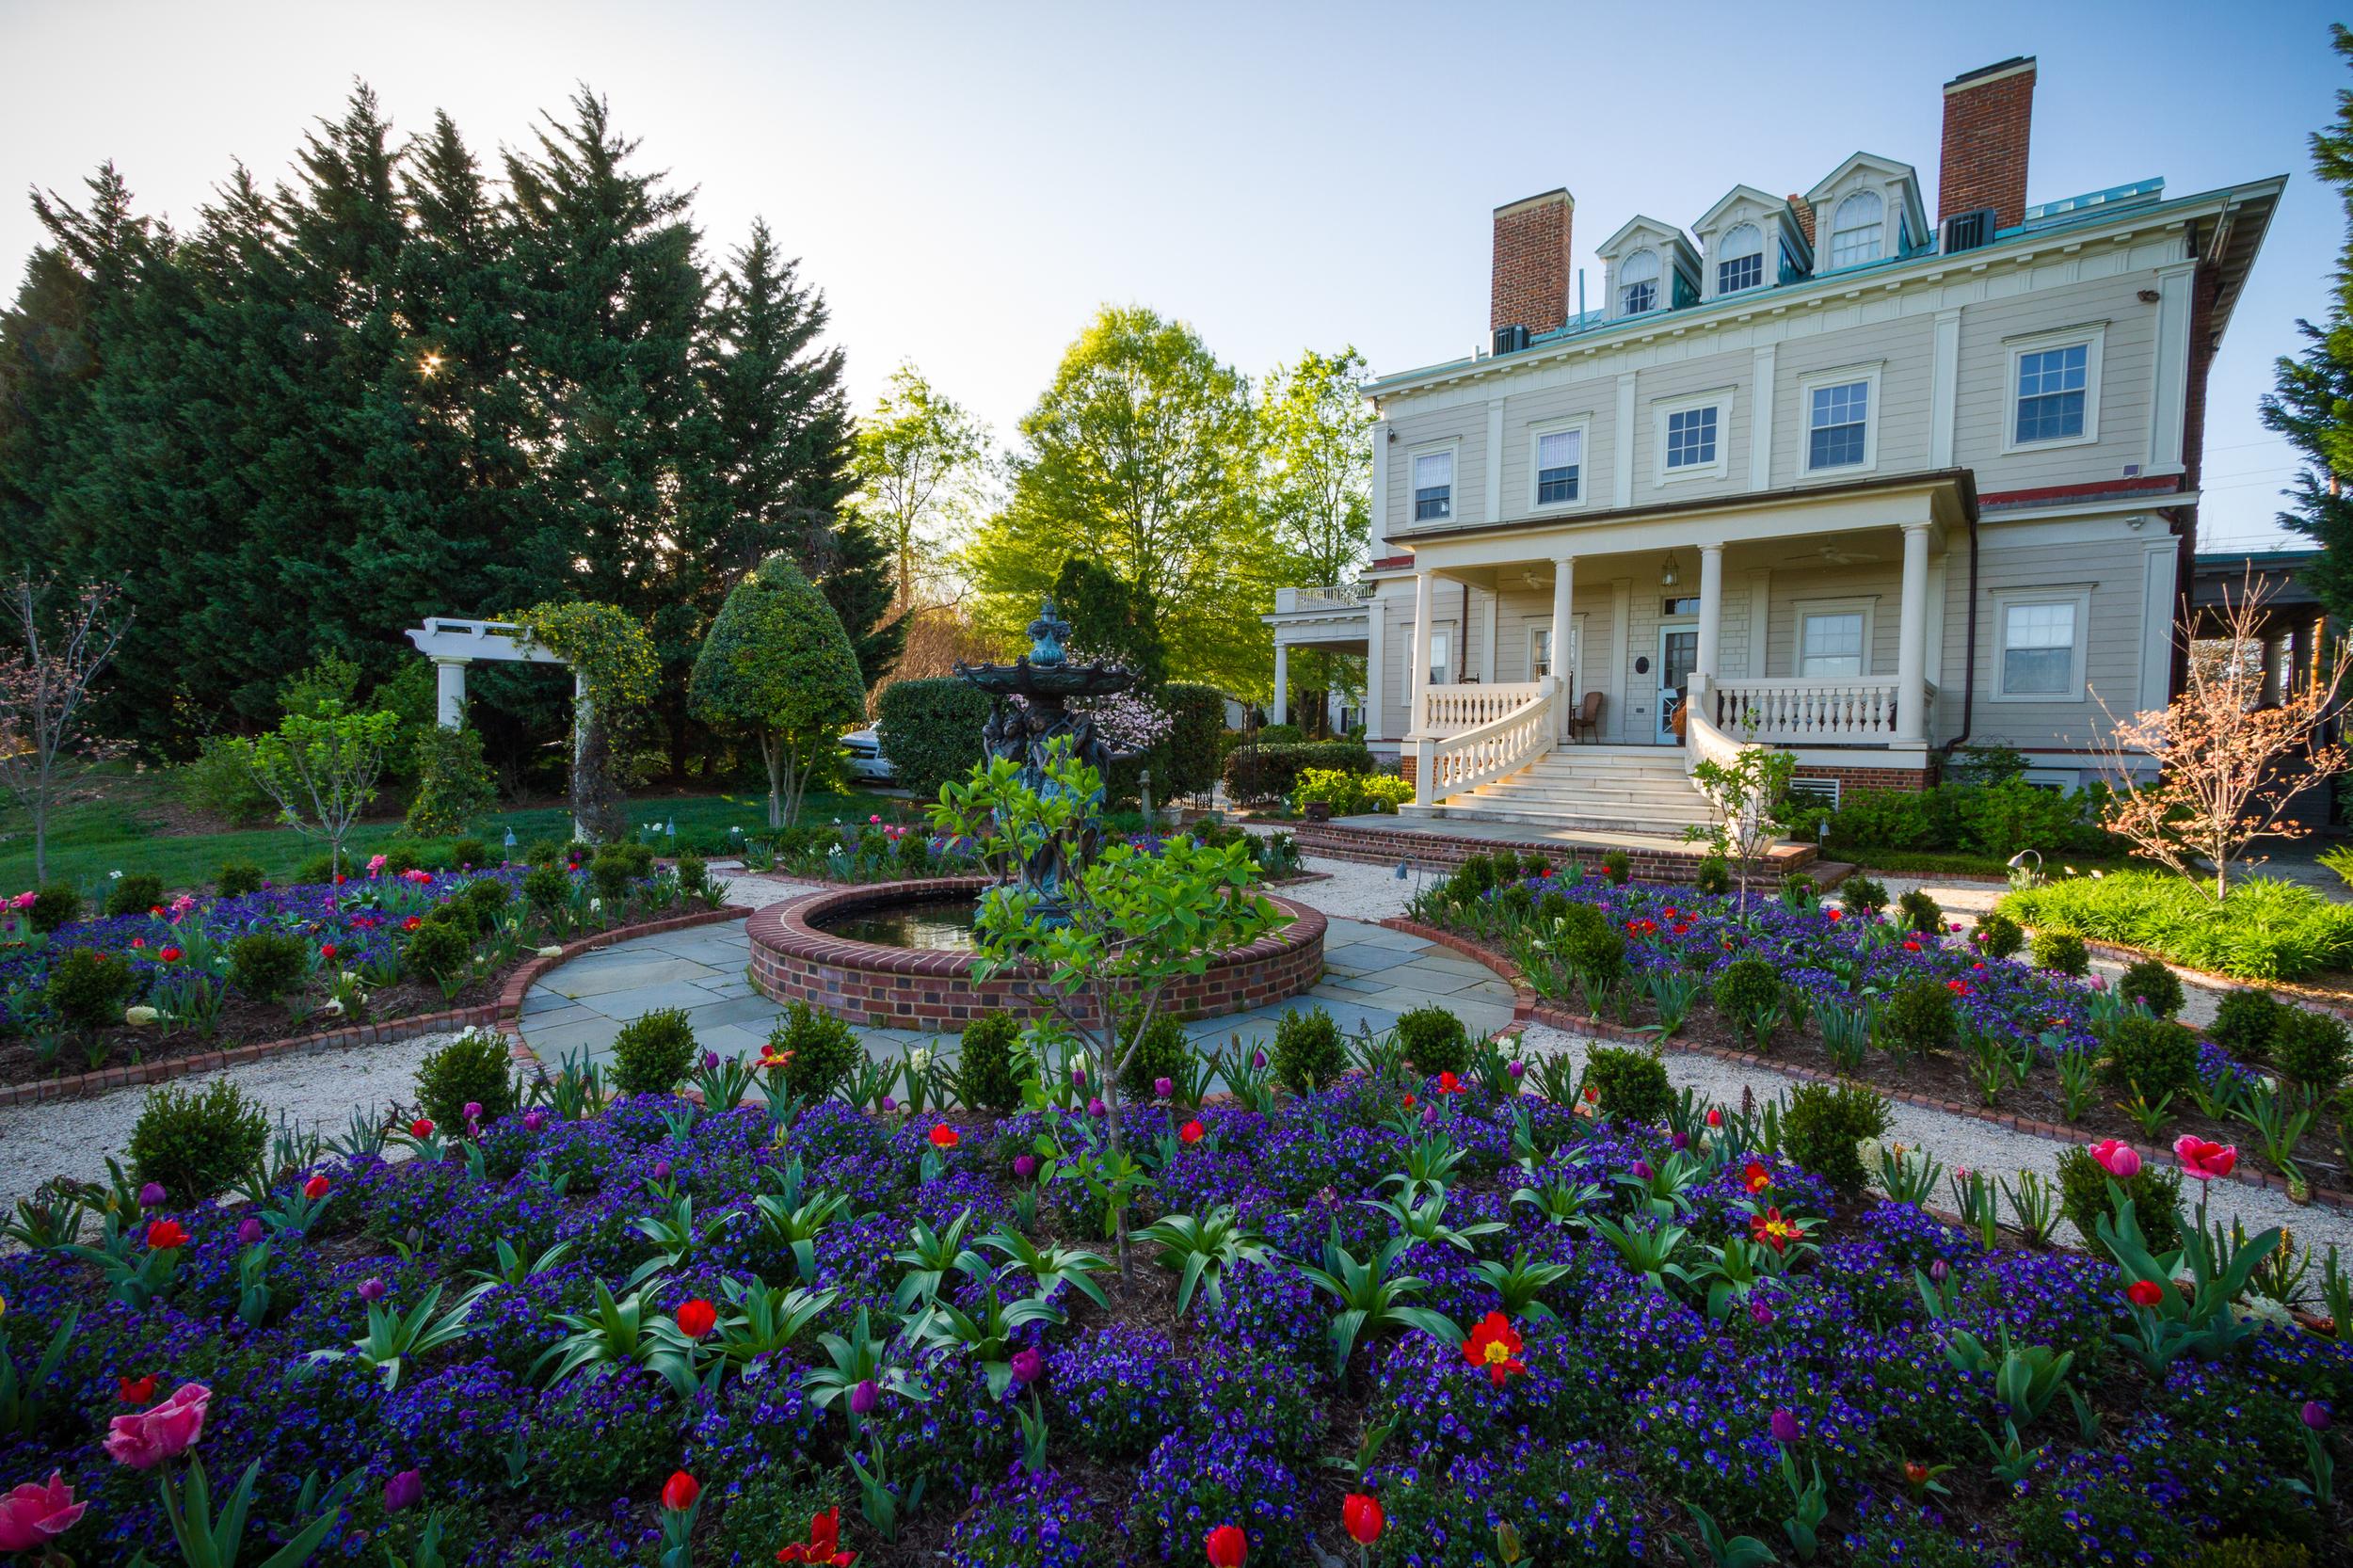 Formal residential garden